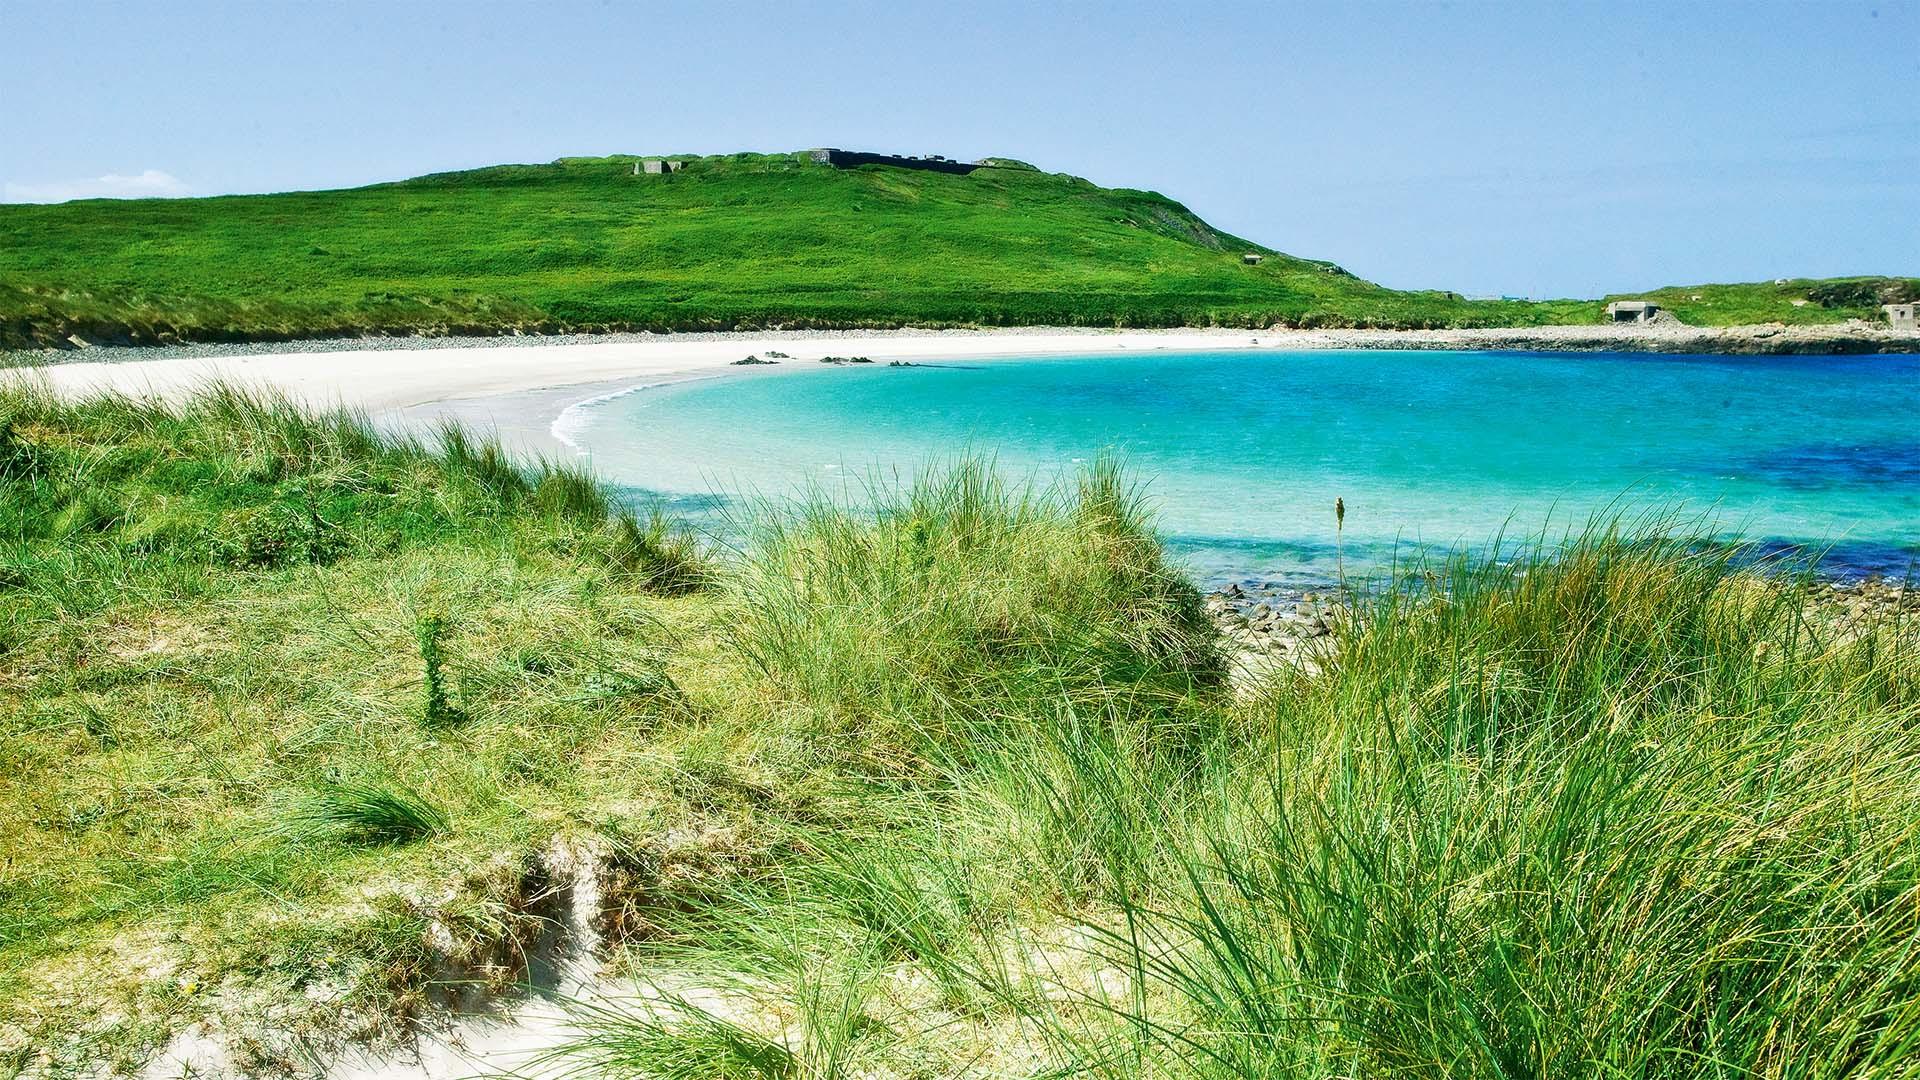 Alderney beach in Guernsey, Channel Islands